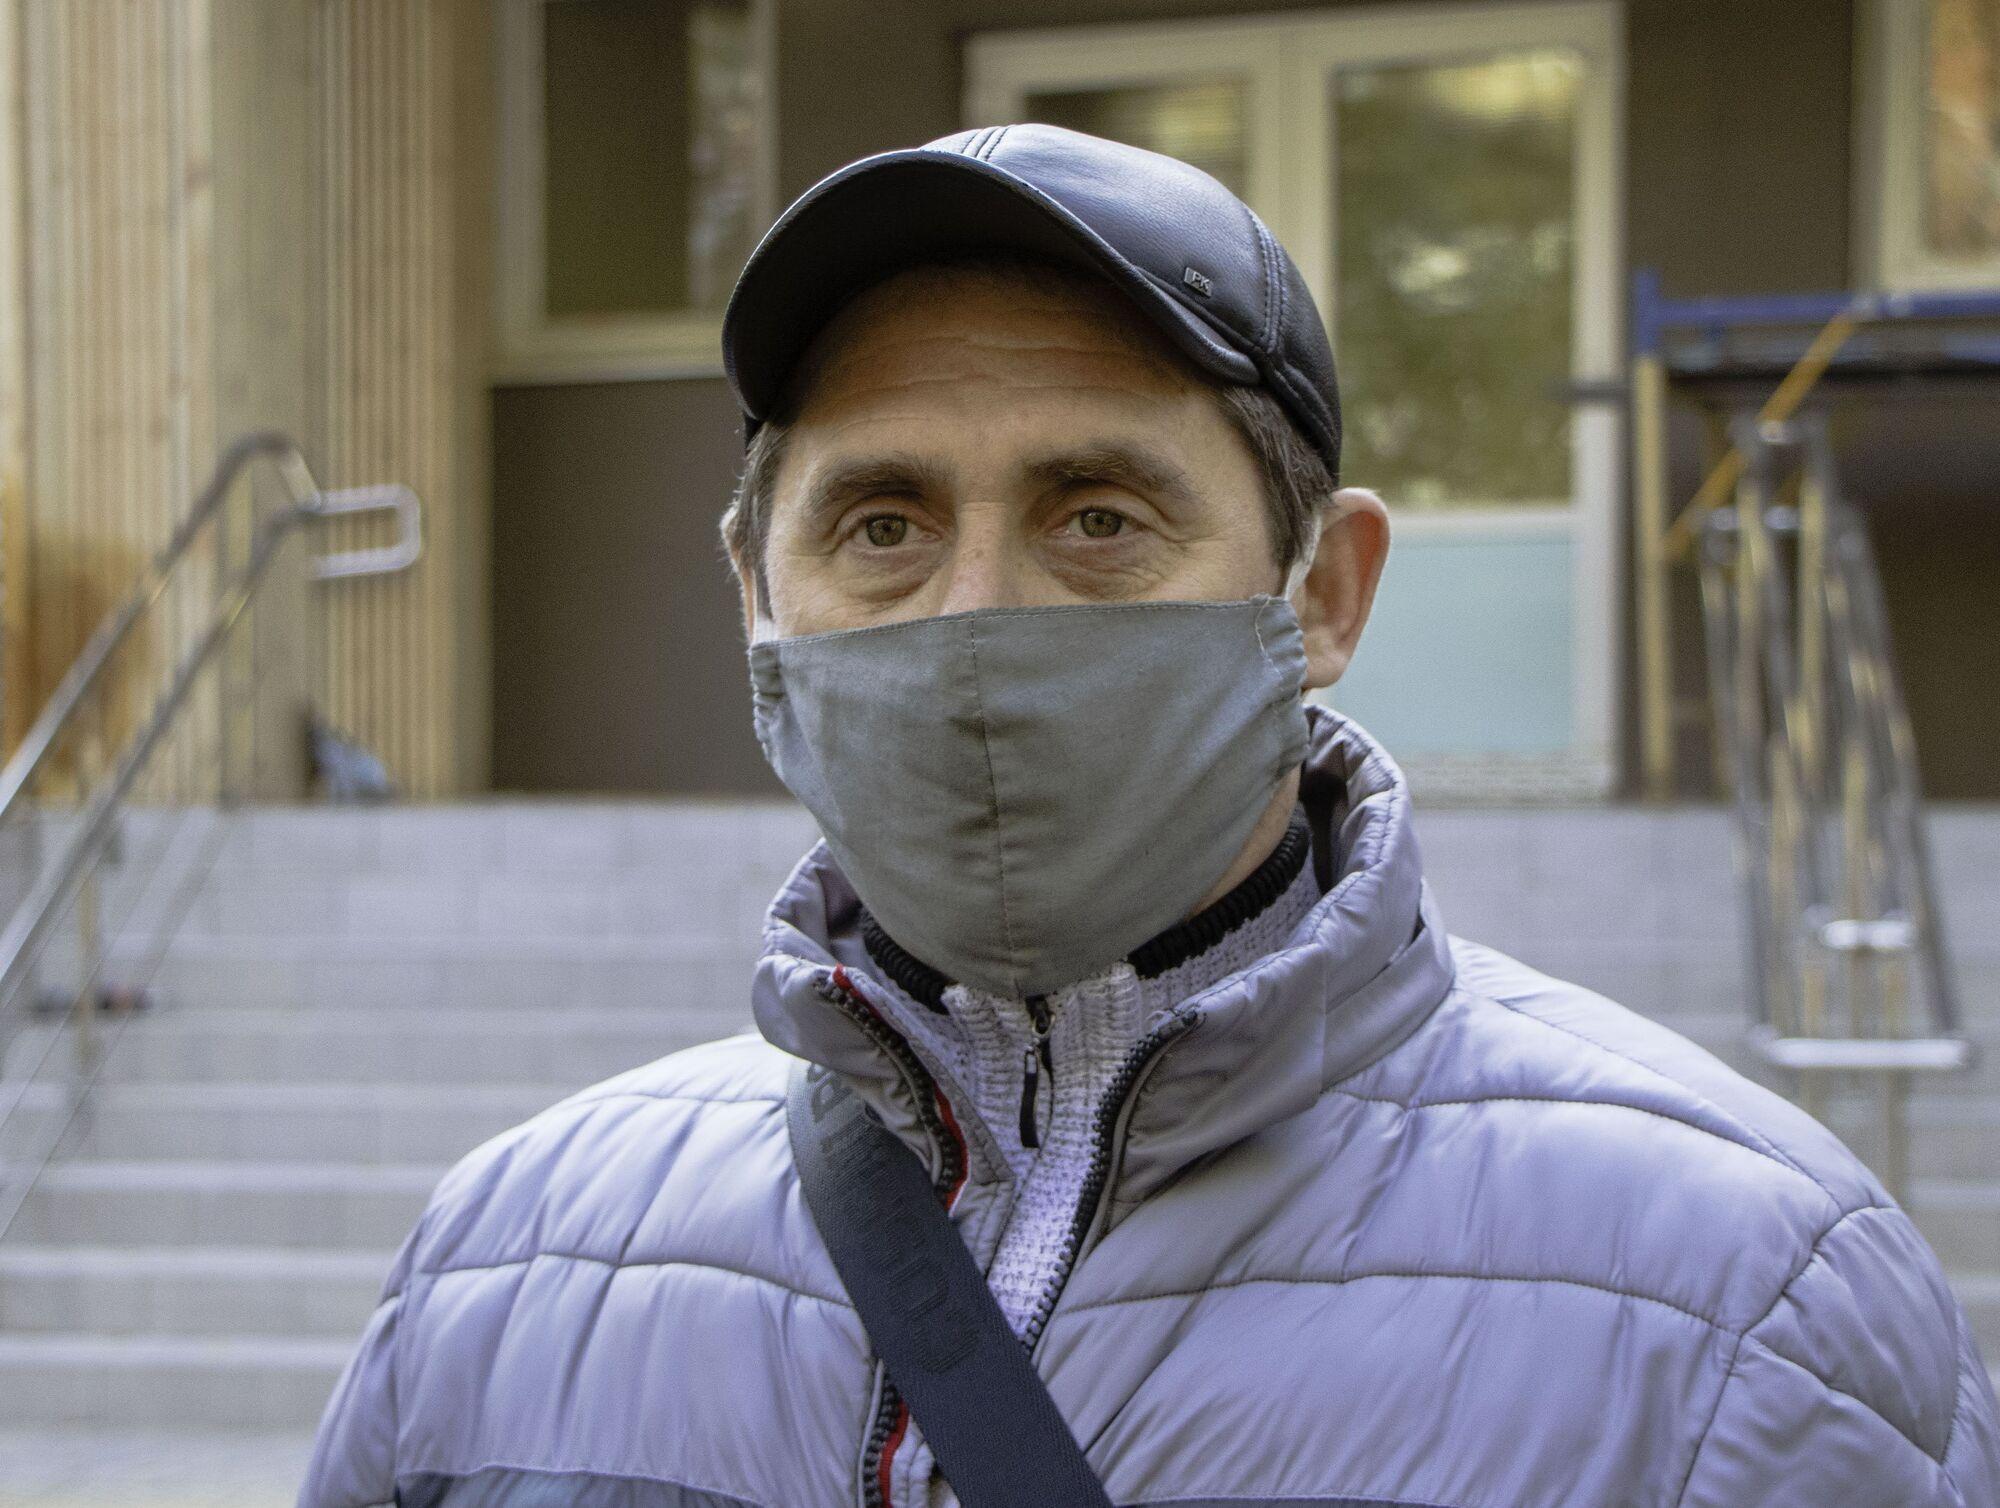 Дніпрянин Анатолій Назаренко має статус чорнобильця і опікується справами тих, хто також постраждав внаслідок аварії на ЧАЕС